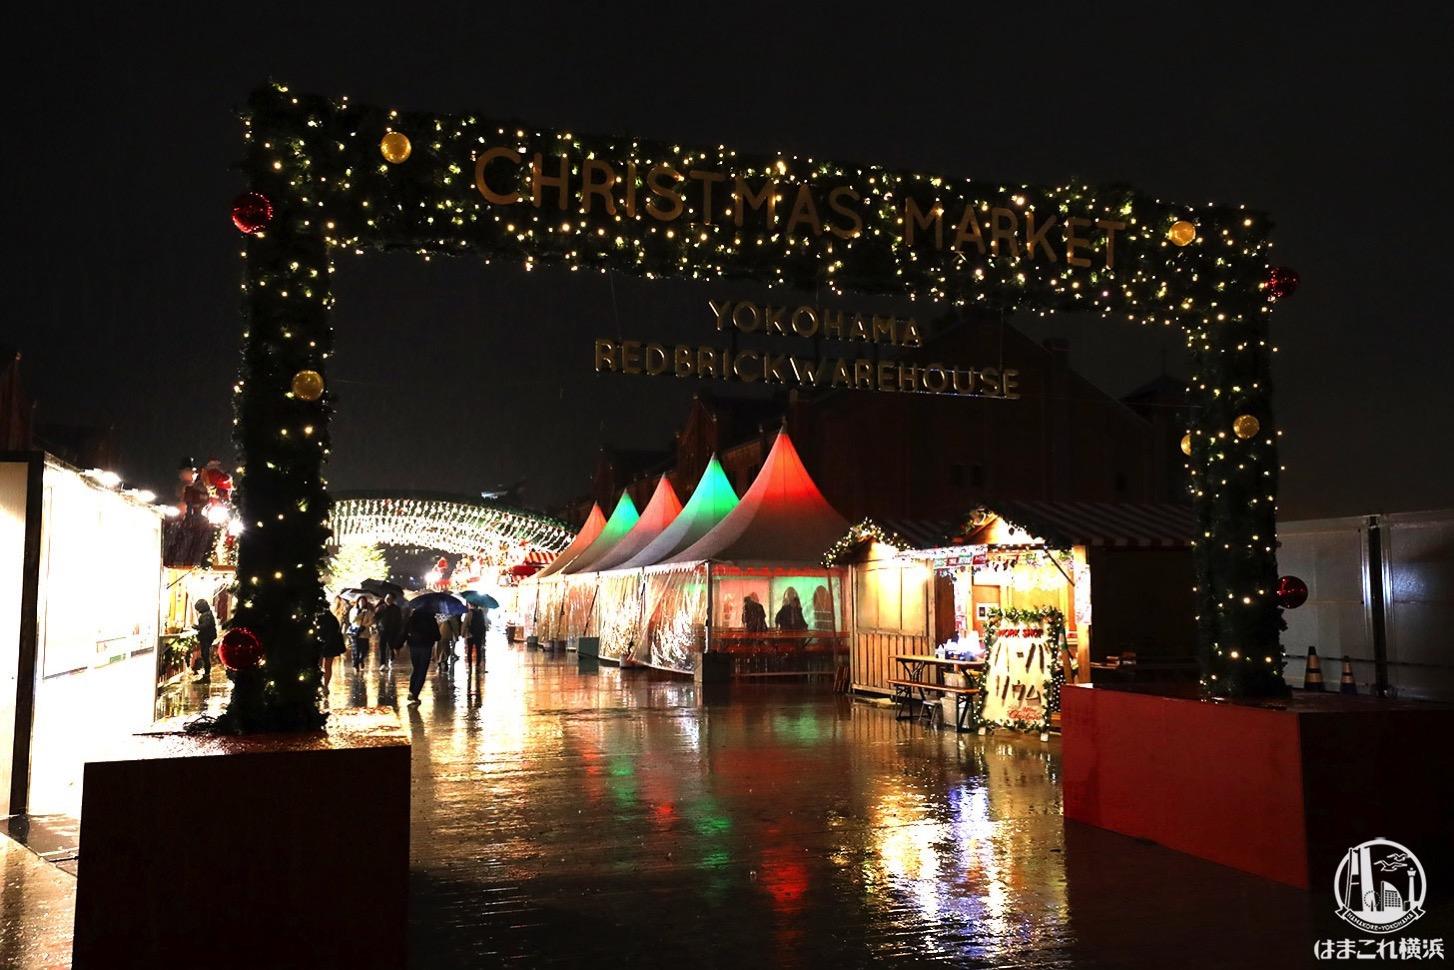 クリスマスマーケット エントランス